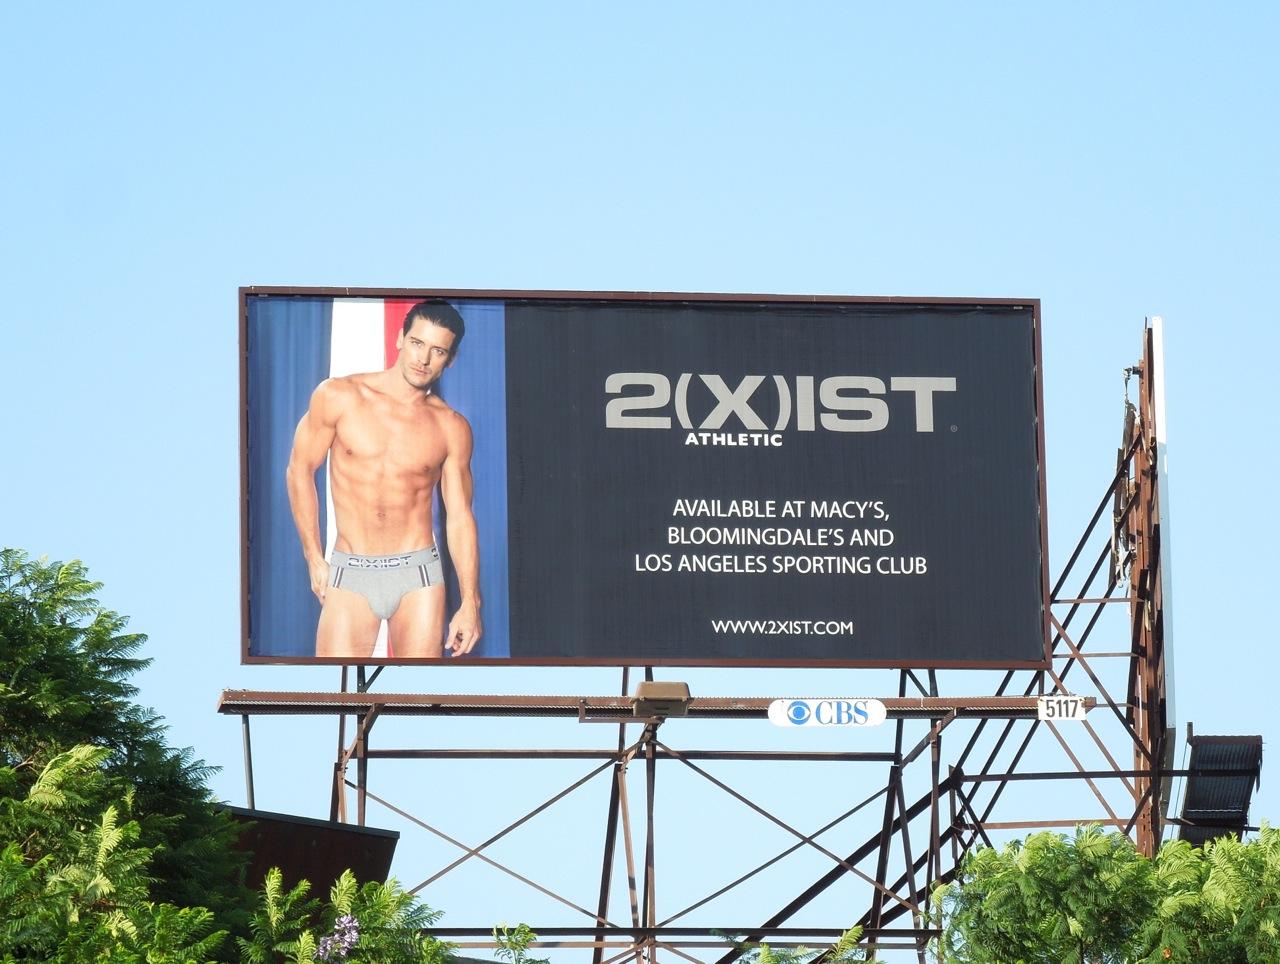 http://2.bp.blogspot.com/-UiPsR56h17o/UGUtUWYYvxI/AAAAAAAA1Ow/kxyGzPWGF2M/s1600/2xist+althletic+underwear+billboard.jpg